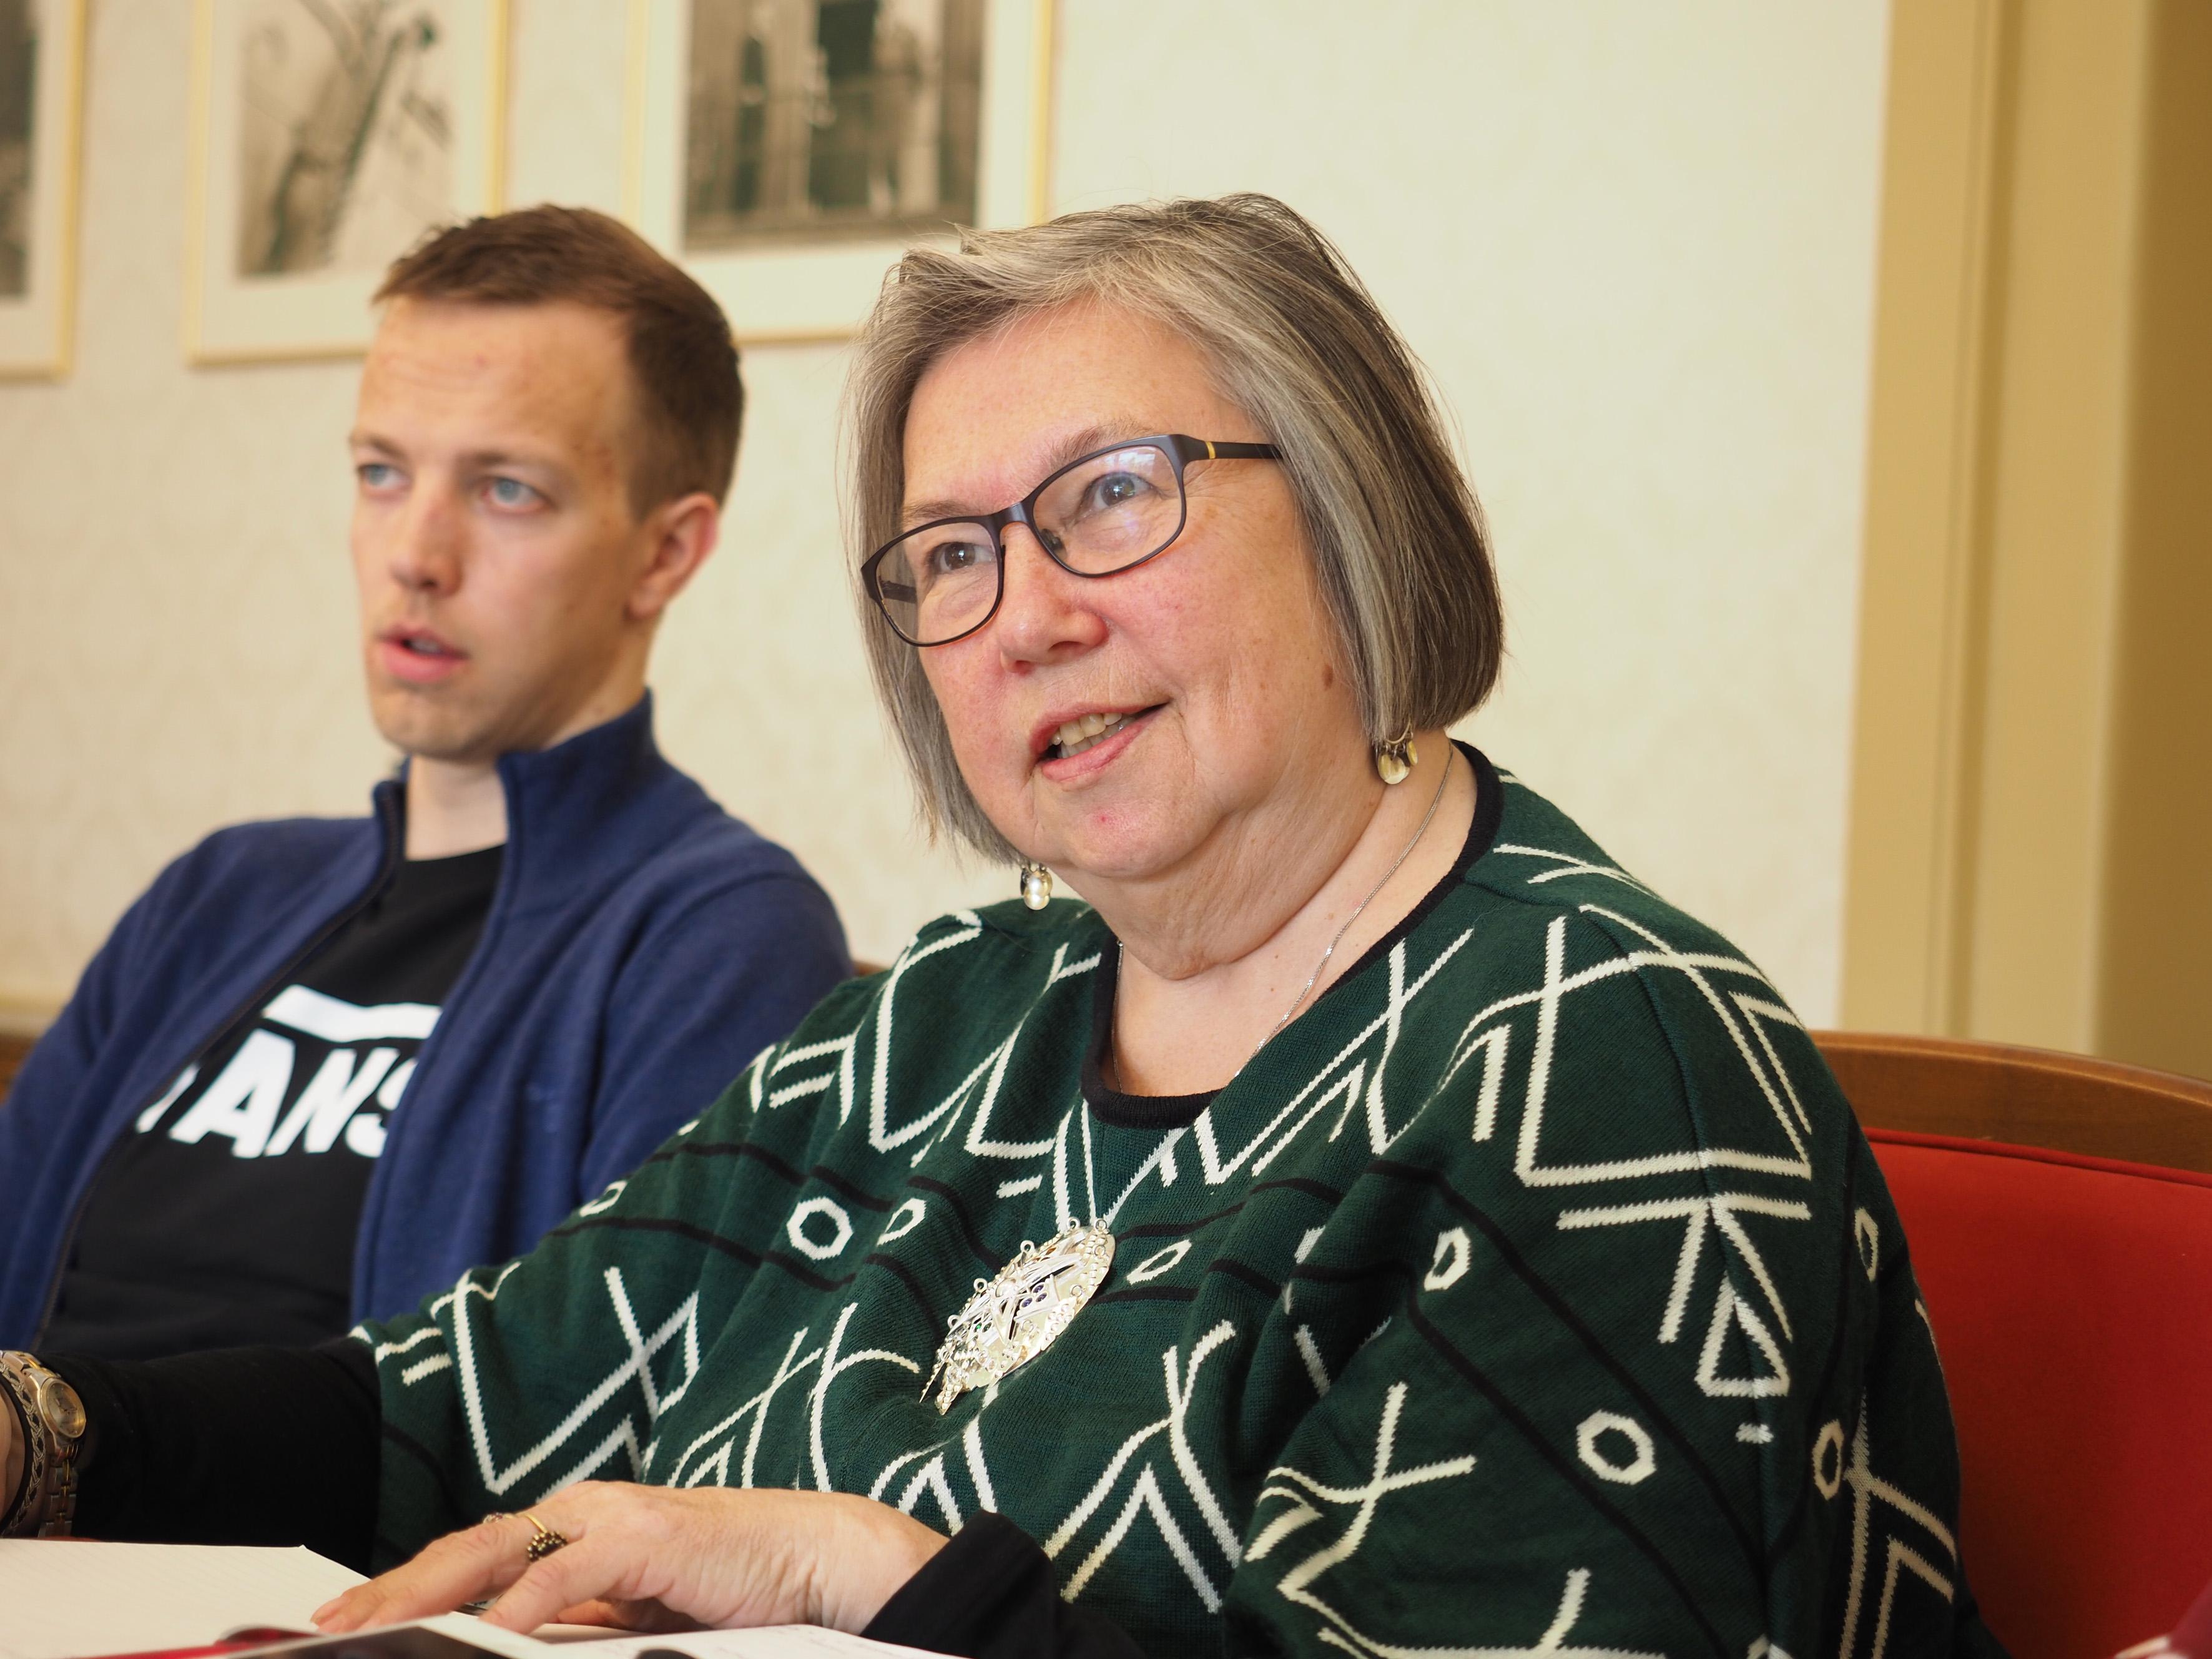 – Kväänin kirkonelämä oon kansalinen velvolisuus